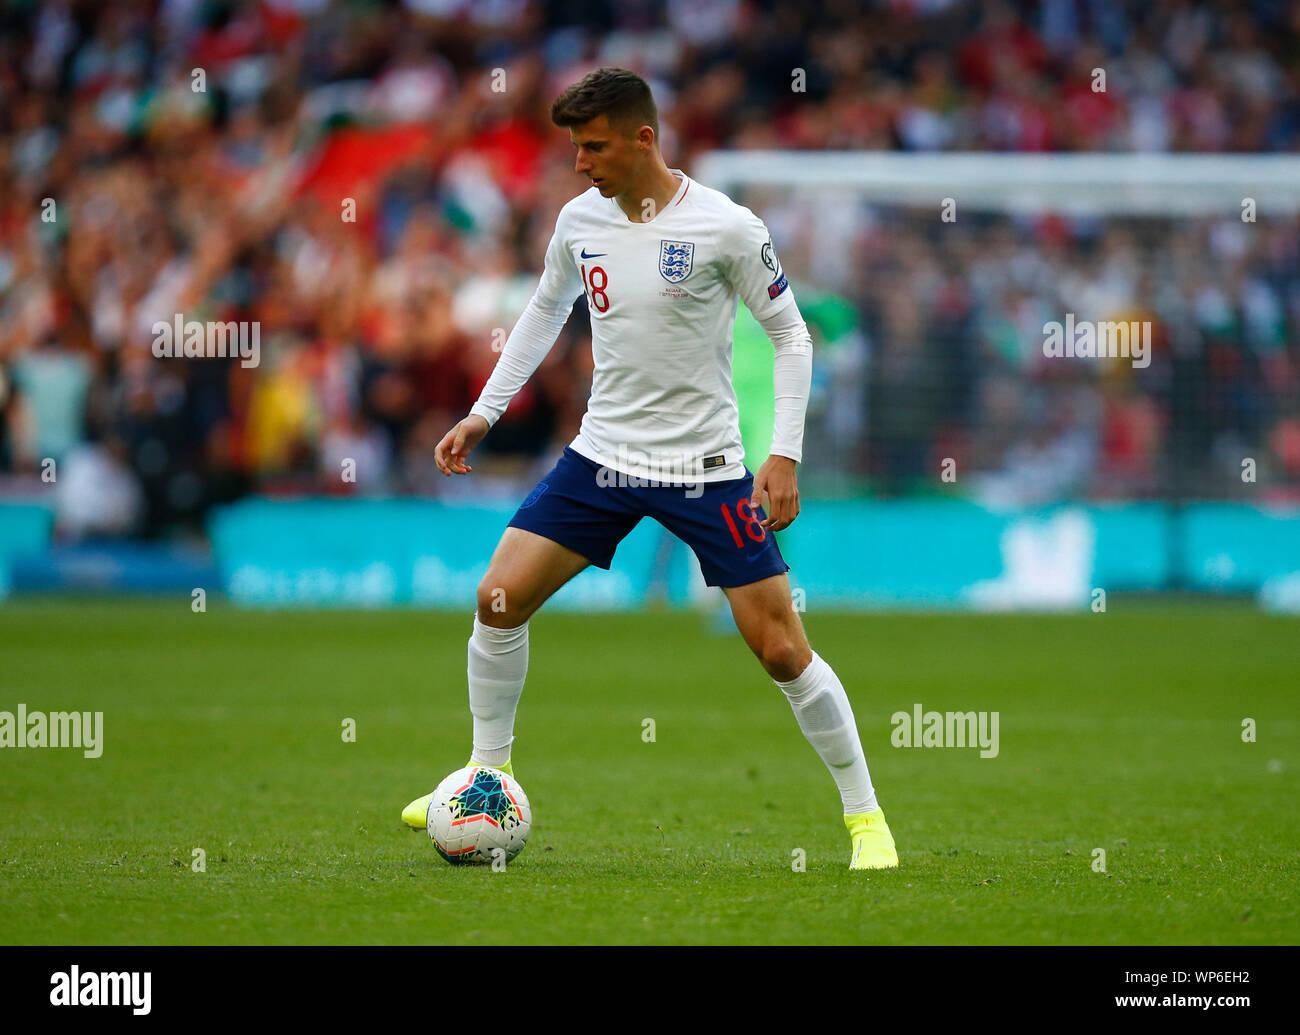 Londres, Reino Unido. 07 Sep, 2019. Londres, Inglaterra. Septiembre 07: Mason Monte de Inglaterra durante la UEFA EURO 2020 entre Inglaterra y calificador de Bulgaria en el estadio de Wembley en Londres, Inglaterra en septiembre 07, 2019 Crédito Foto: Action Sport/Alamy Live News Foto de stock